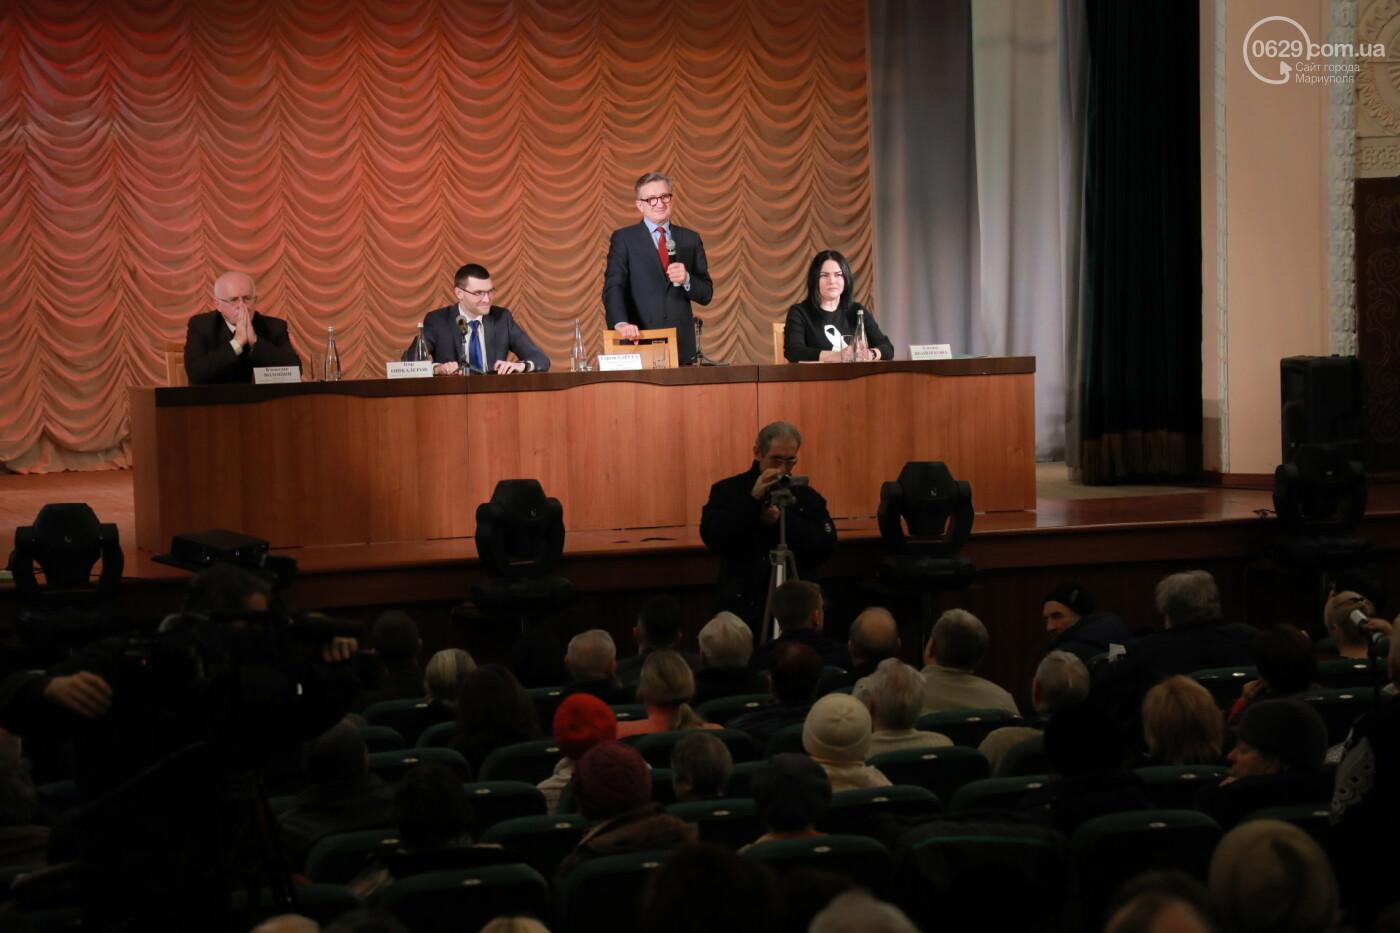 Кандидат в президенты Сергей Тарута начал свою официальную кампанию с визита в Мариуполь , фото-1